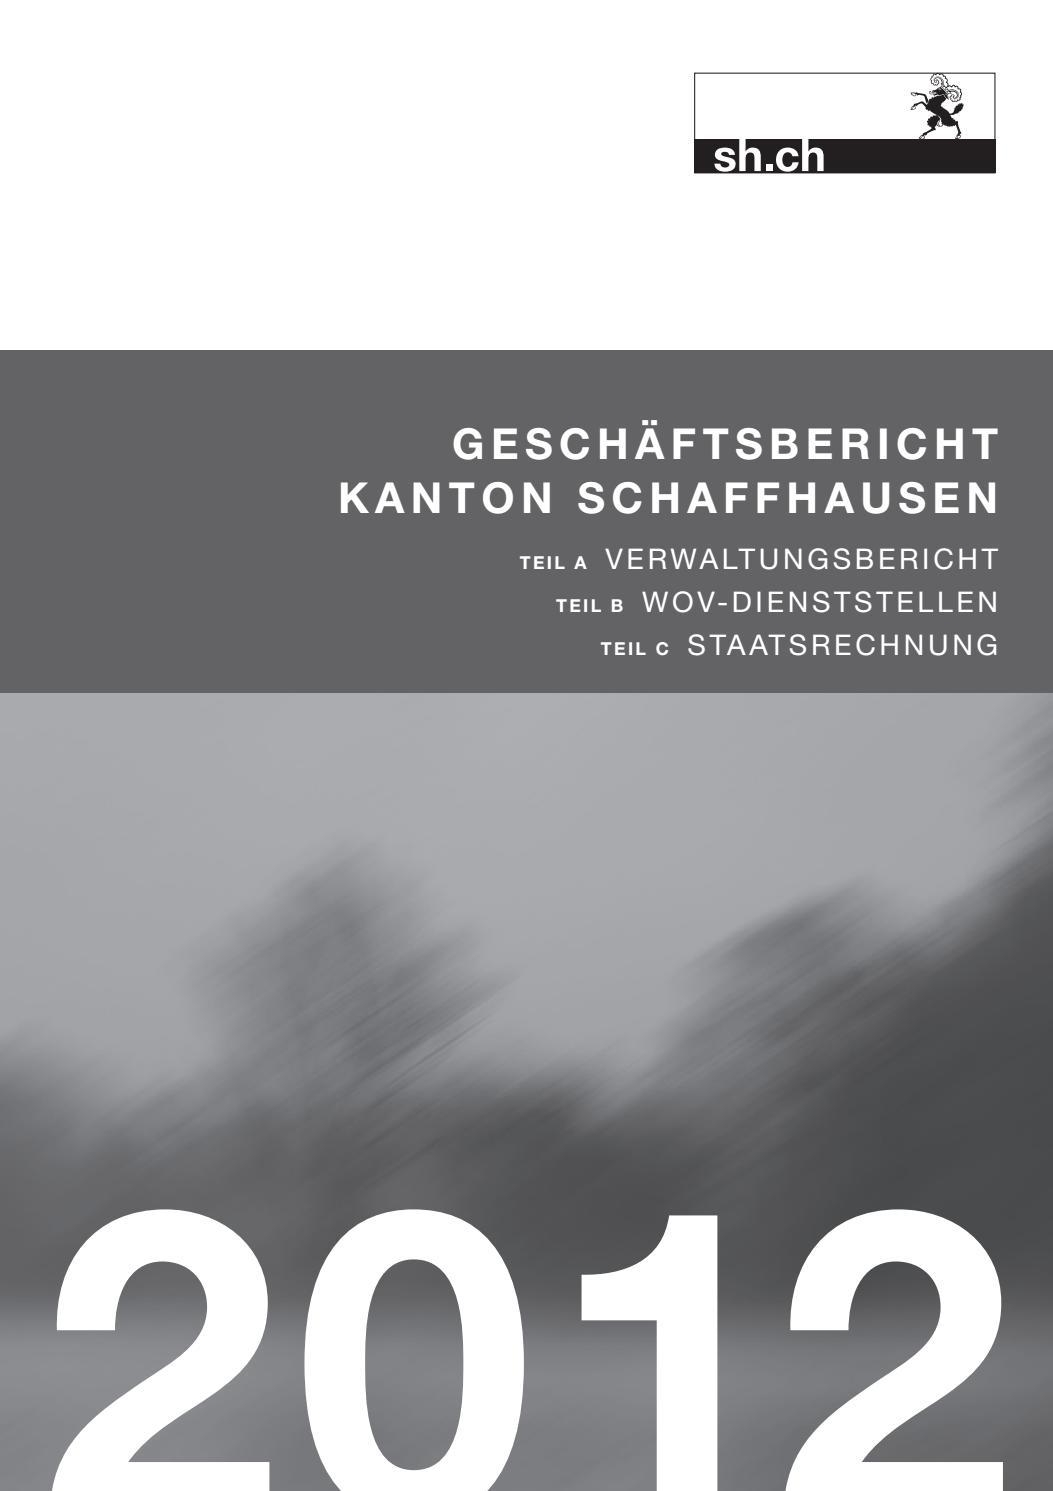 geschäftsbericht 2012 kanton schaffhausen by ksd sh issuu  die v partei%c2%b3 moechte ein zeichen setzen #13